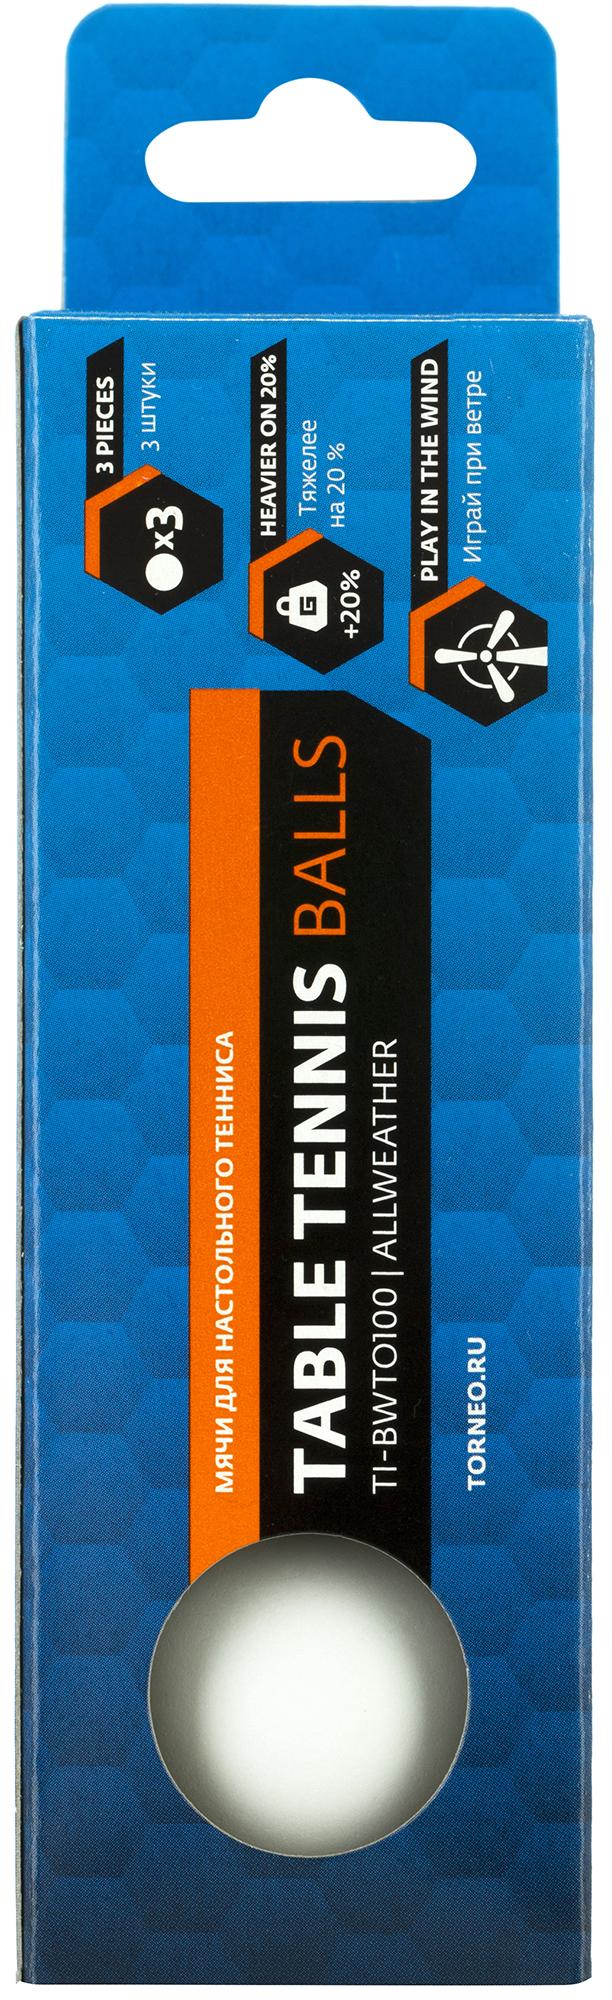 Torneo Мячи для настольного тенниса Torneo, 3 шт. мячи большие для фитнеса цена